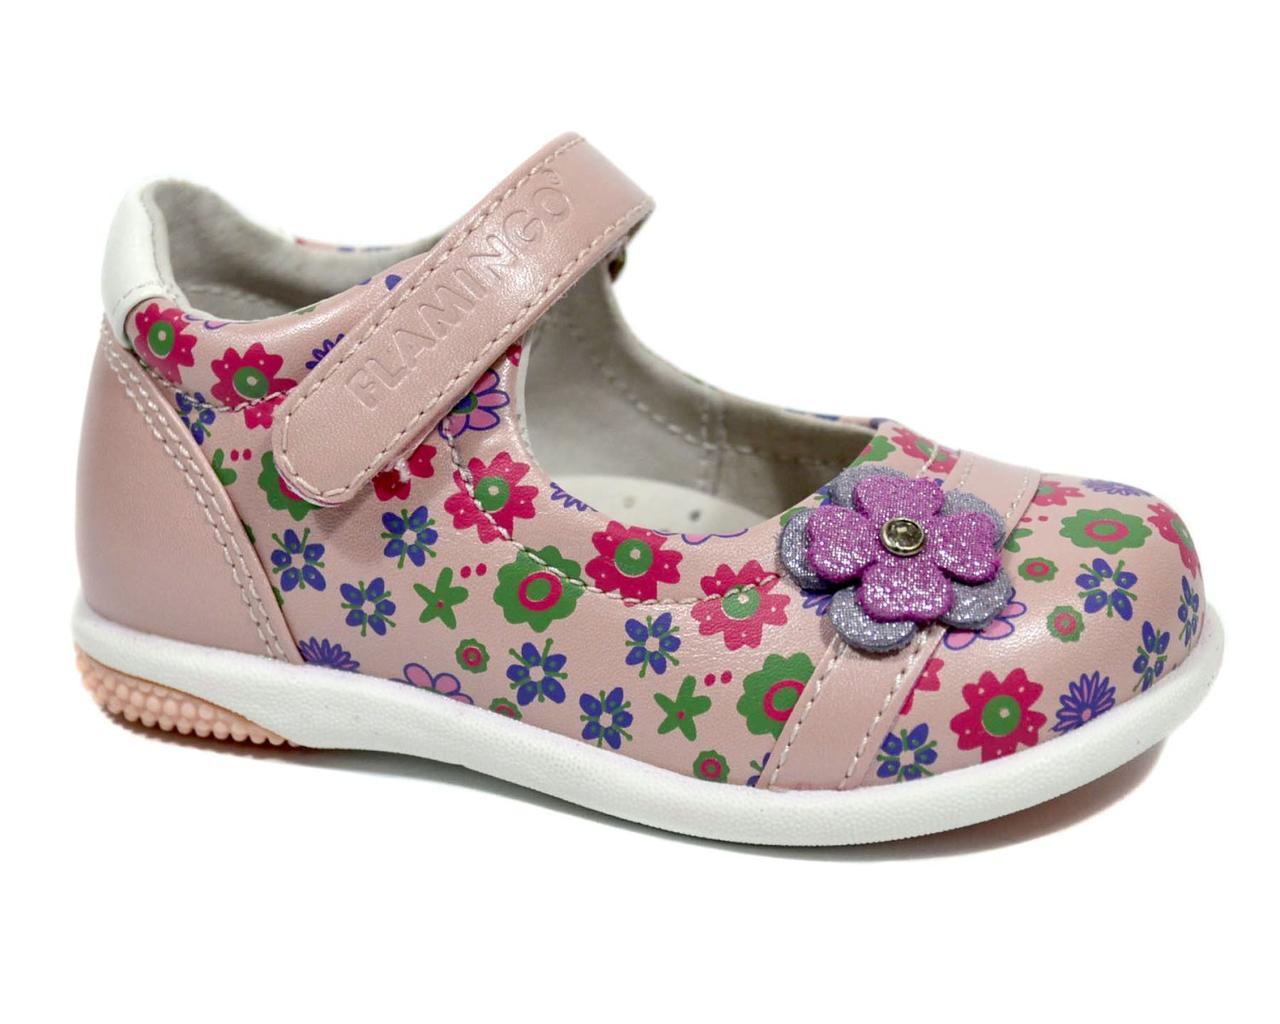 749340dd9 Детские кожаные туфли для девочки, Flamingo pink, 21-22 - Интернет-магазин